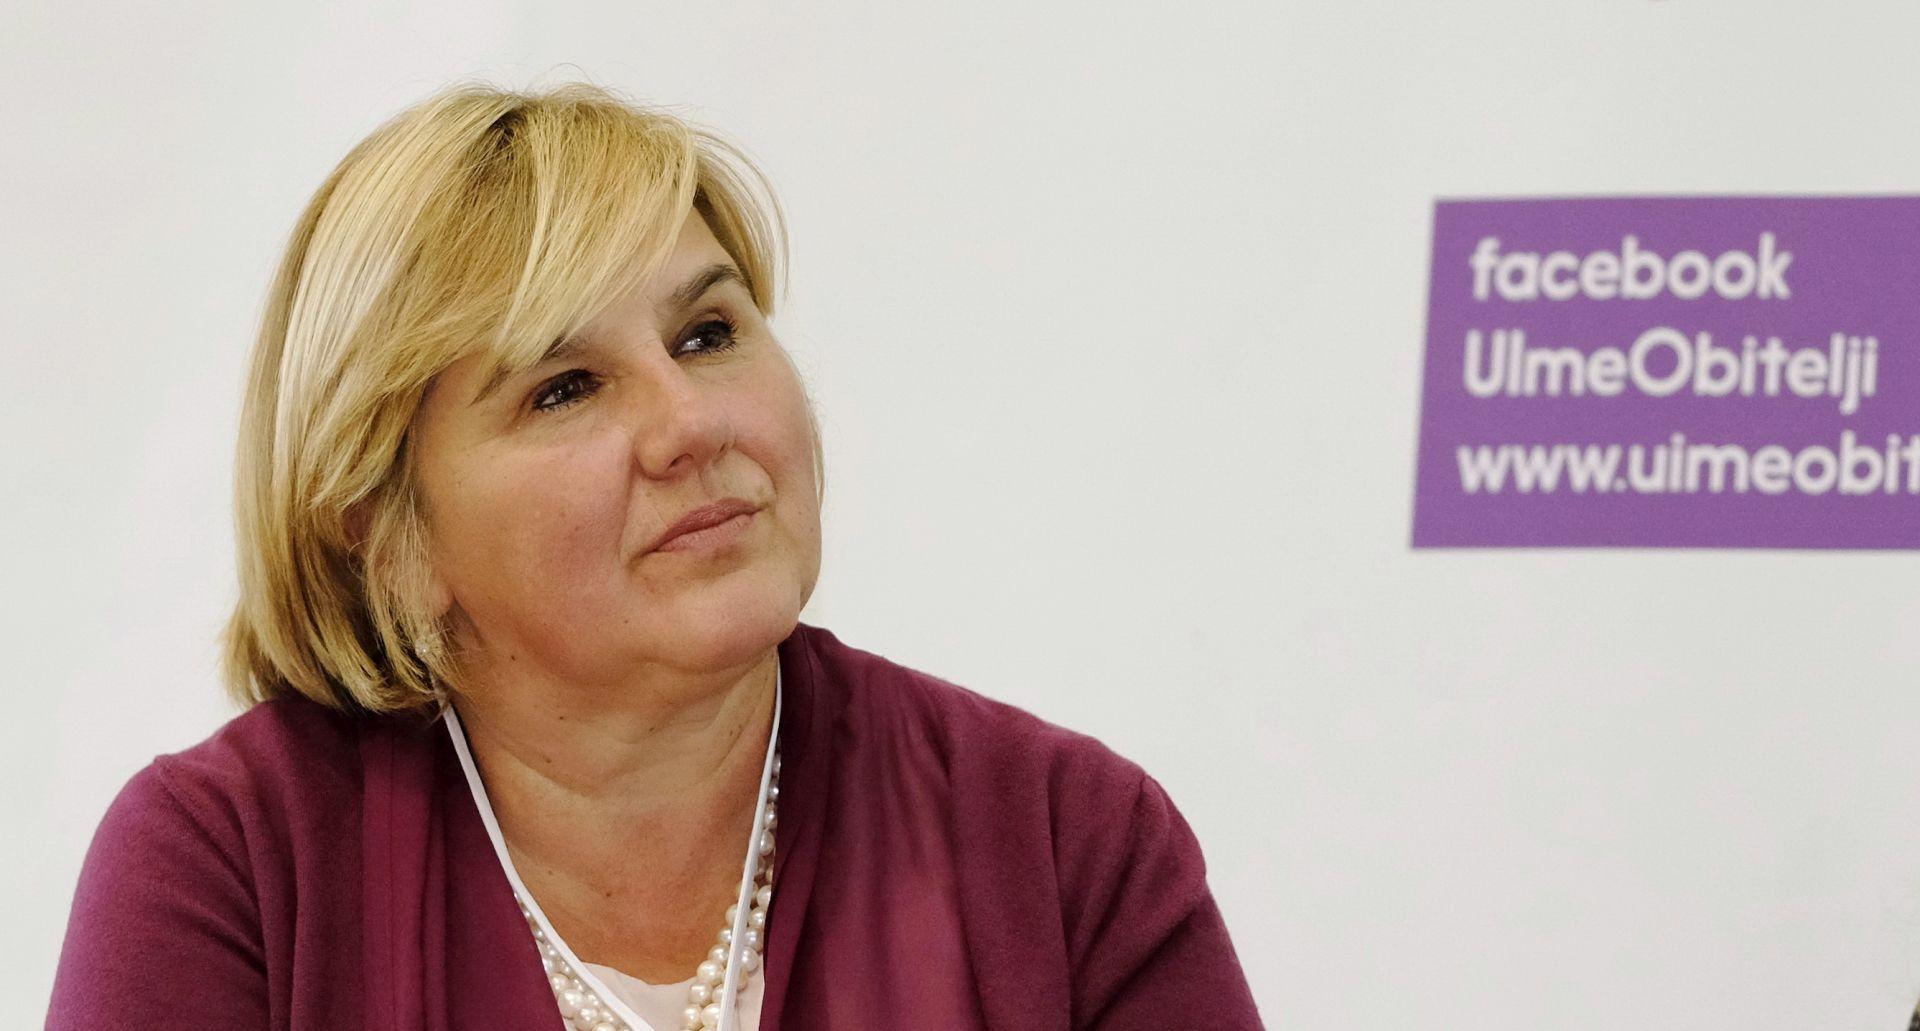 Kaznena prijava protiv Markić i 'U ime obitelji'